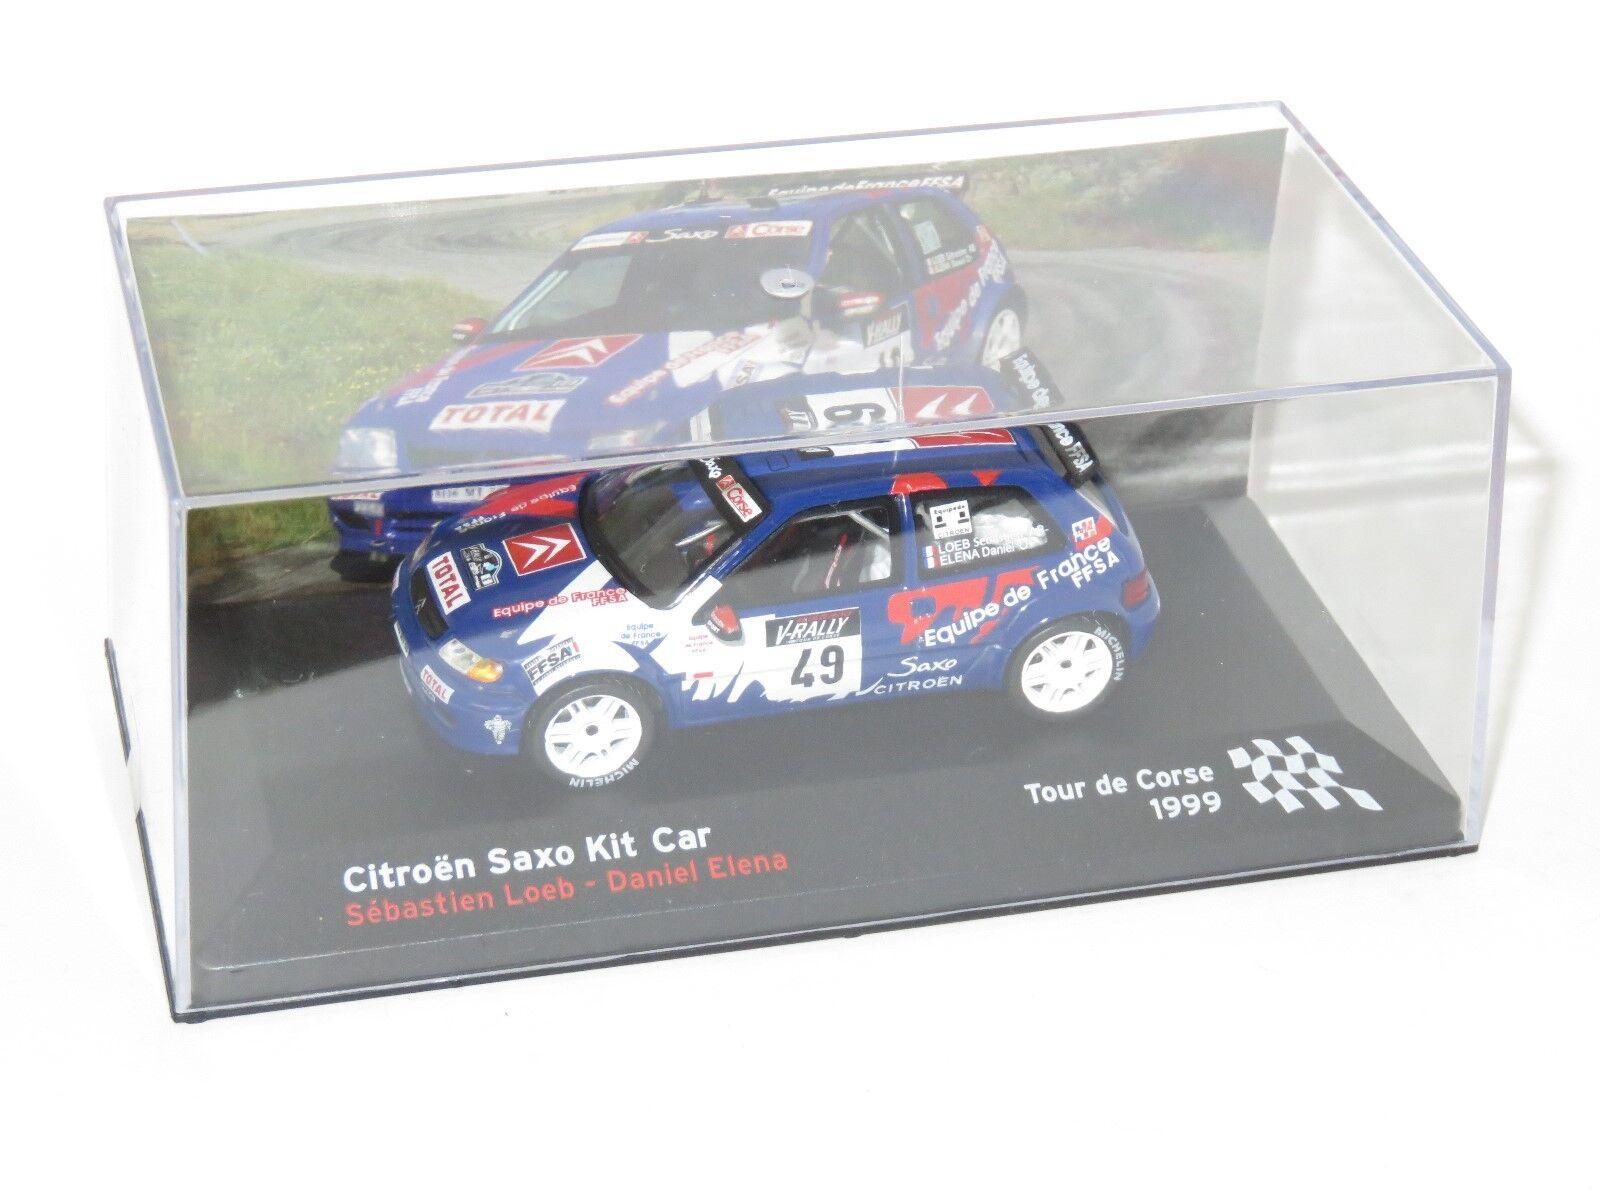 1 43 Citroen Saxo Kit Car FFSA  Rallye de France Tour de Corse 1999 S.Loeb